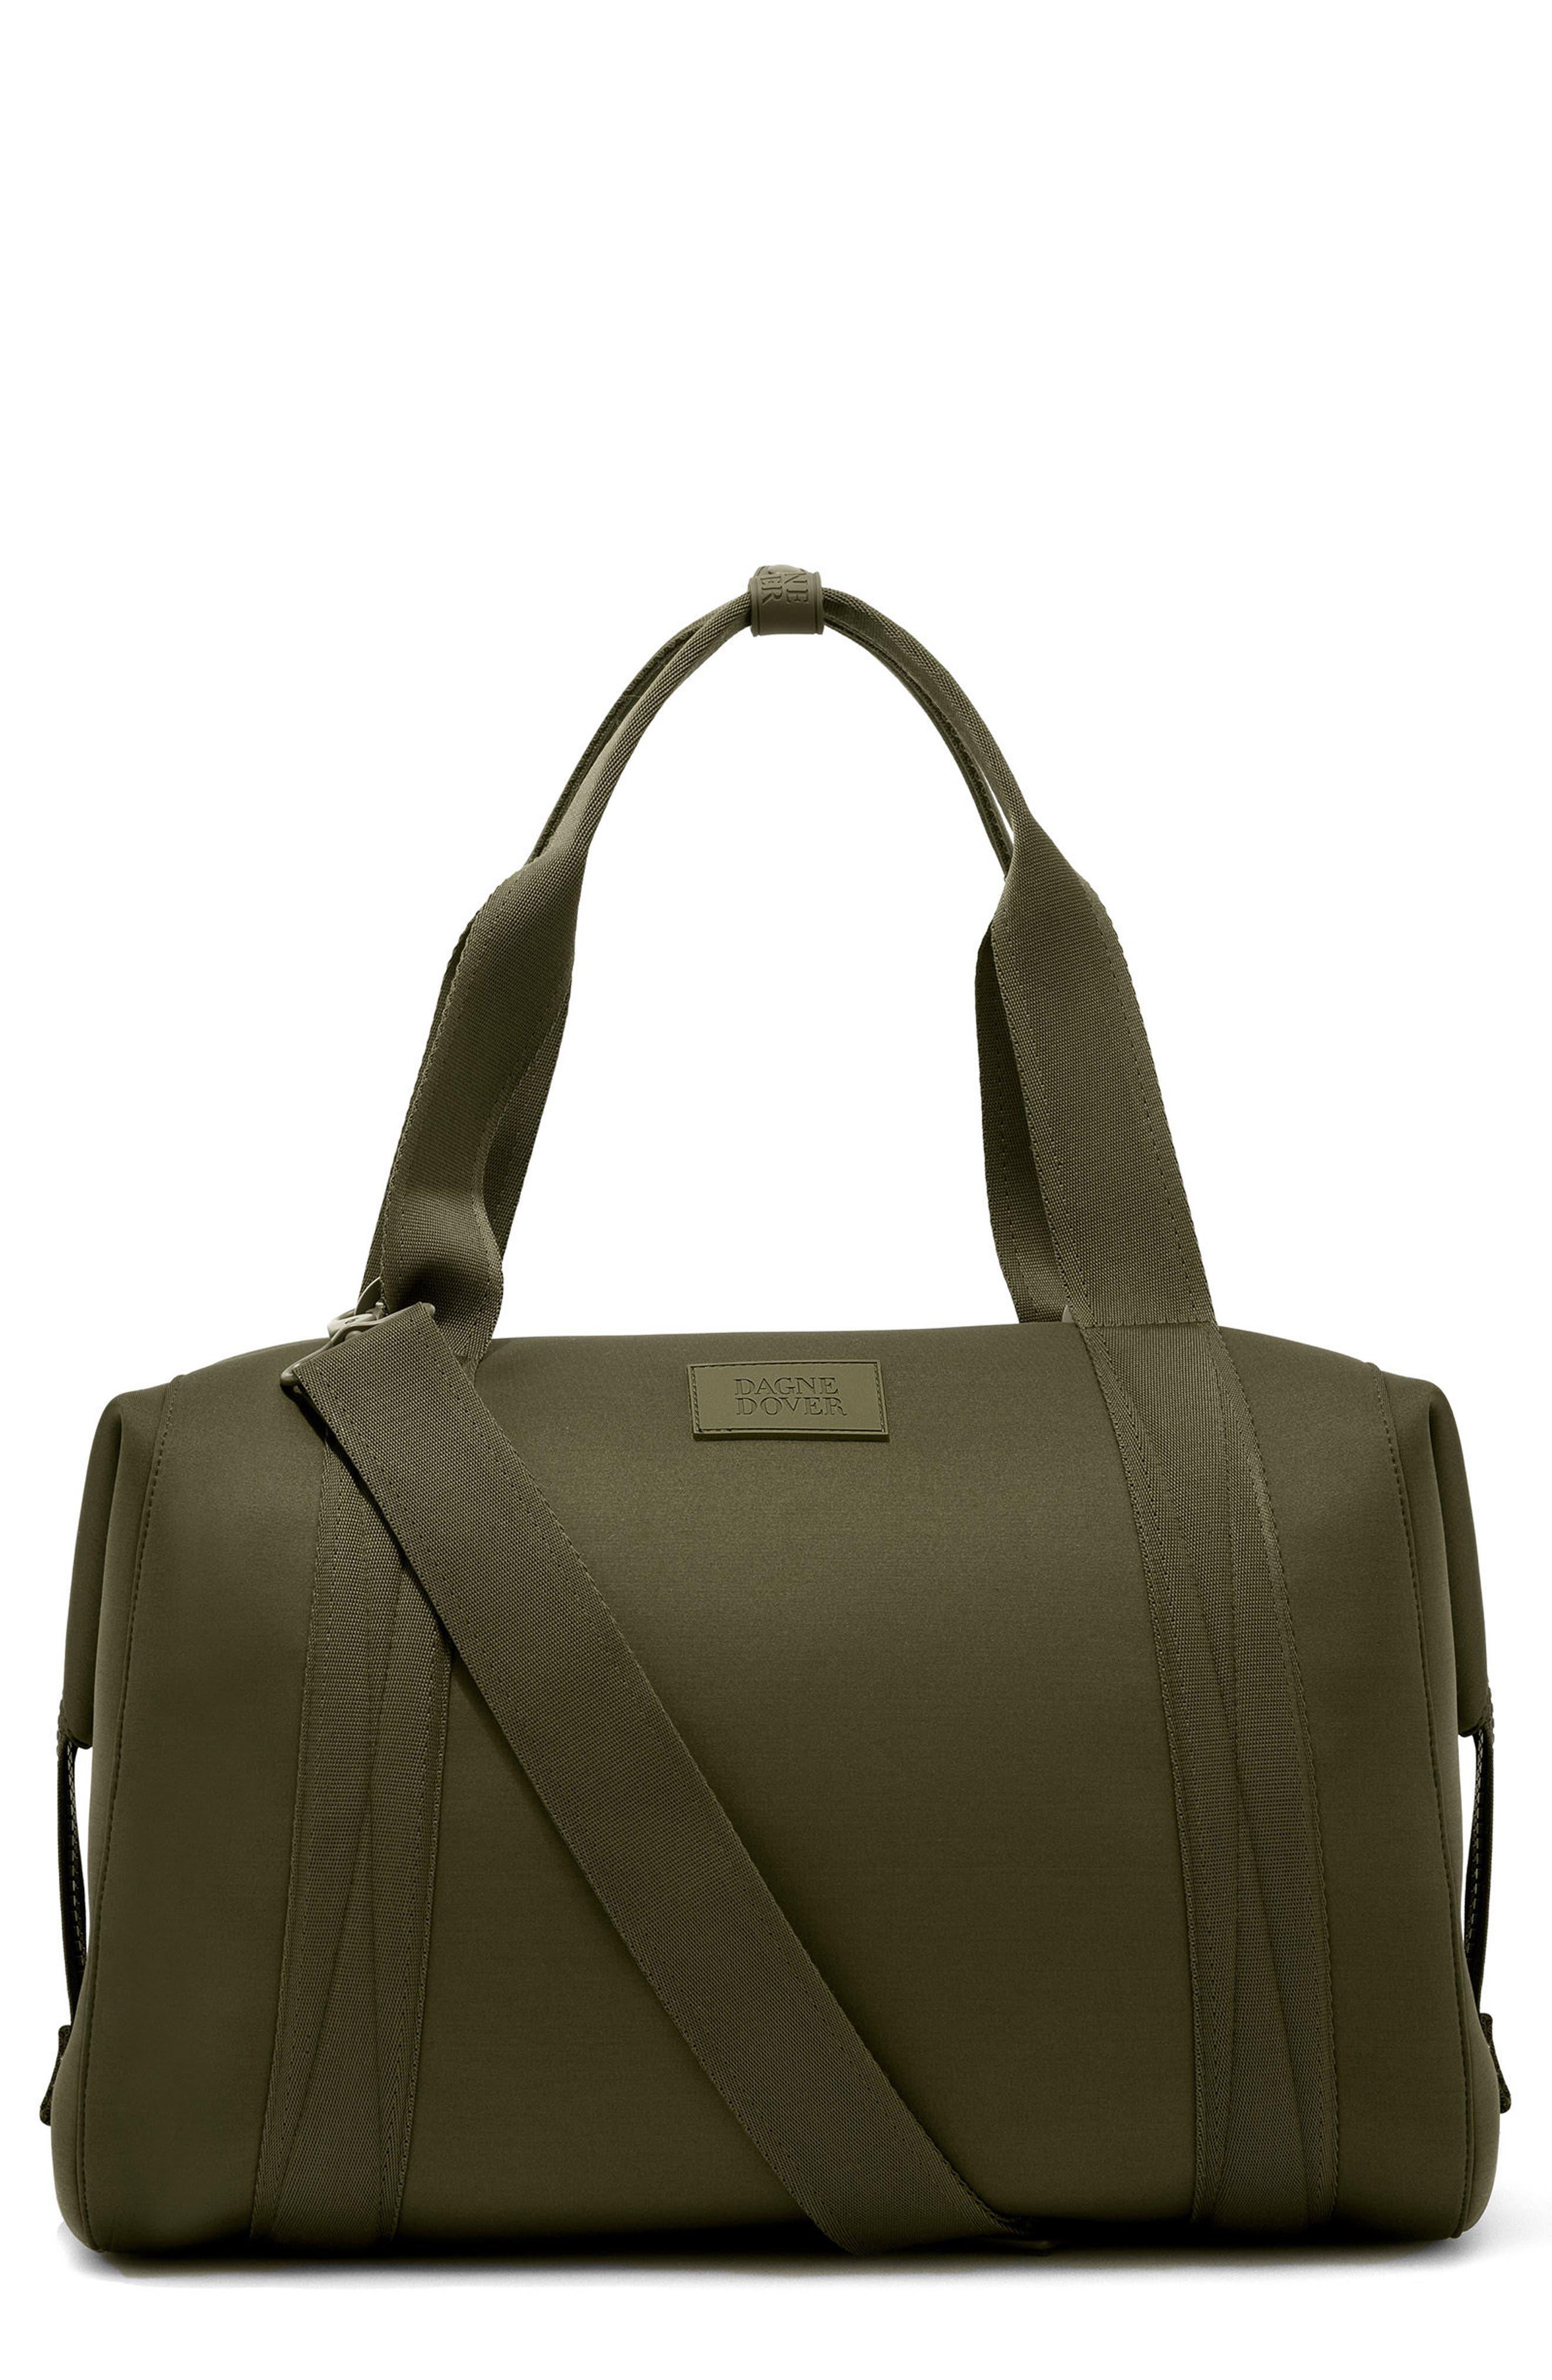 Dagne Dover Large Landon Neoprene Duffel Bag